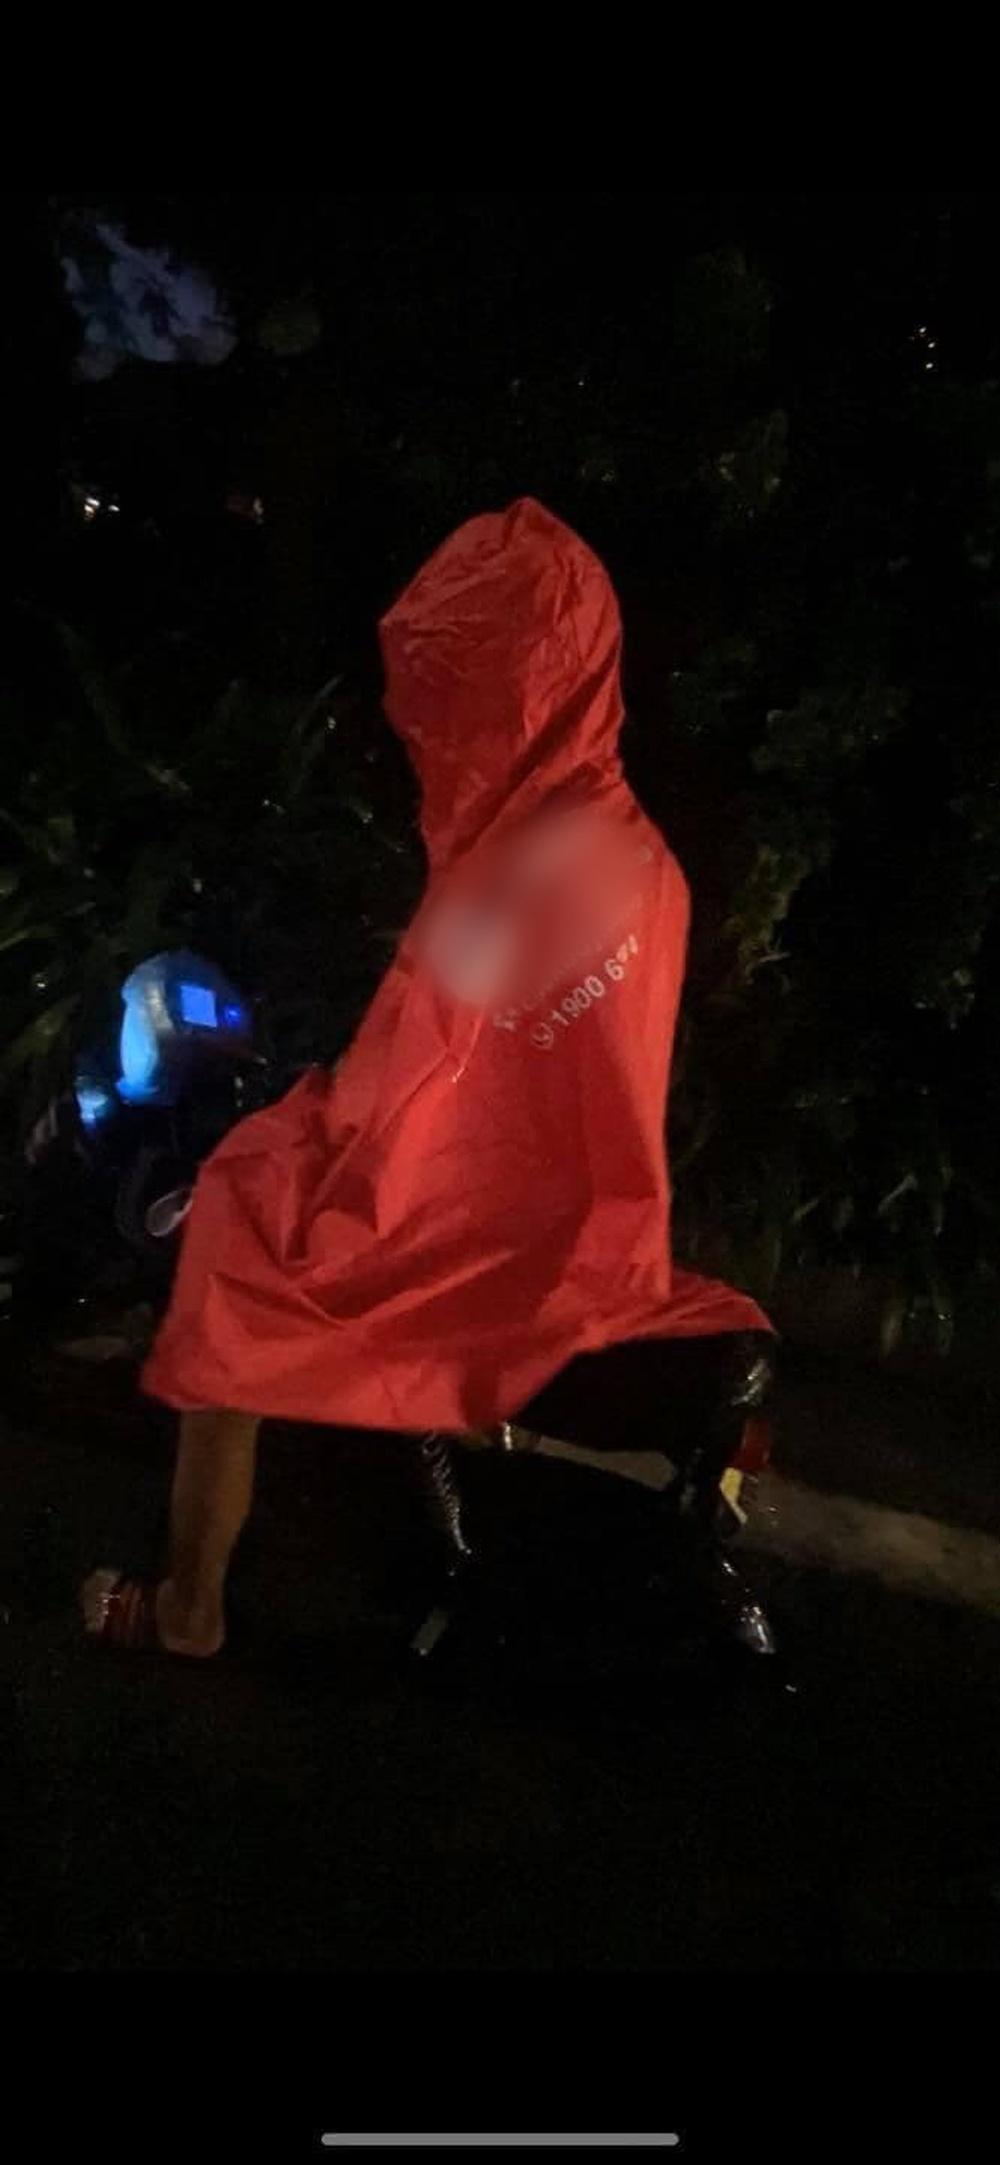 Gặp cậu bé đi đường, người đàn ông ráo riết đuổi theo giữa cơn mưa và có hành động lạ - Ảnh 3.